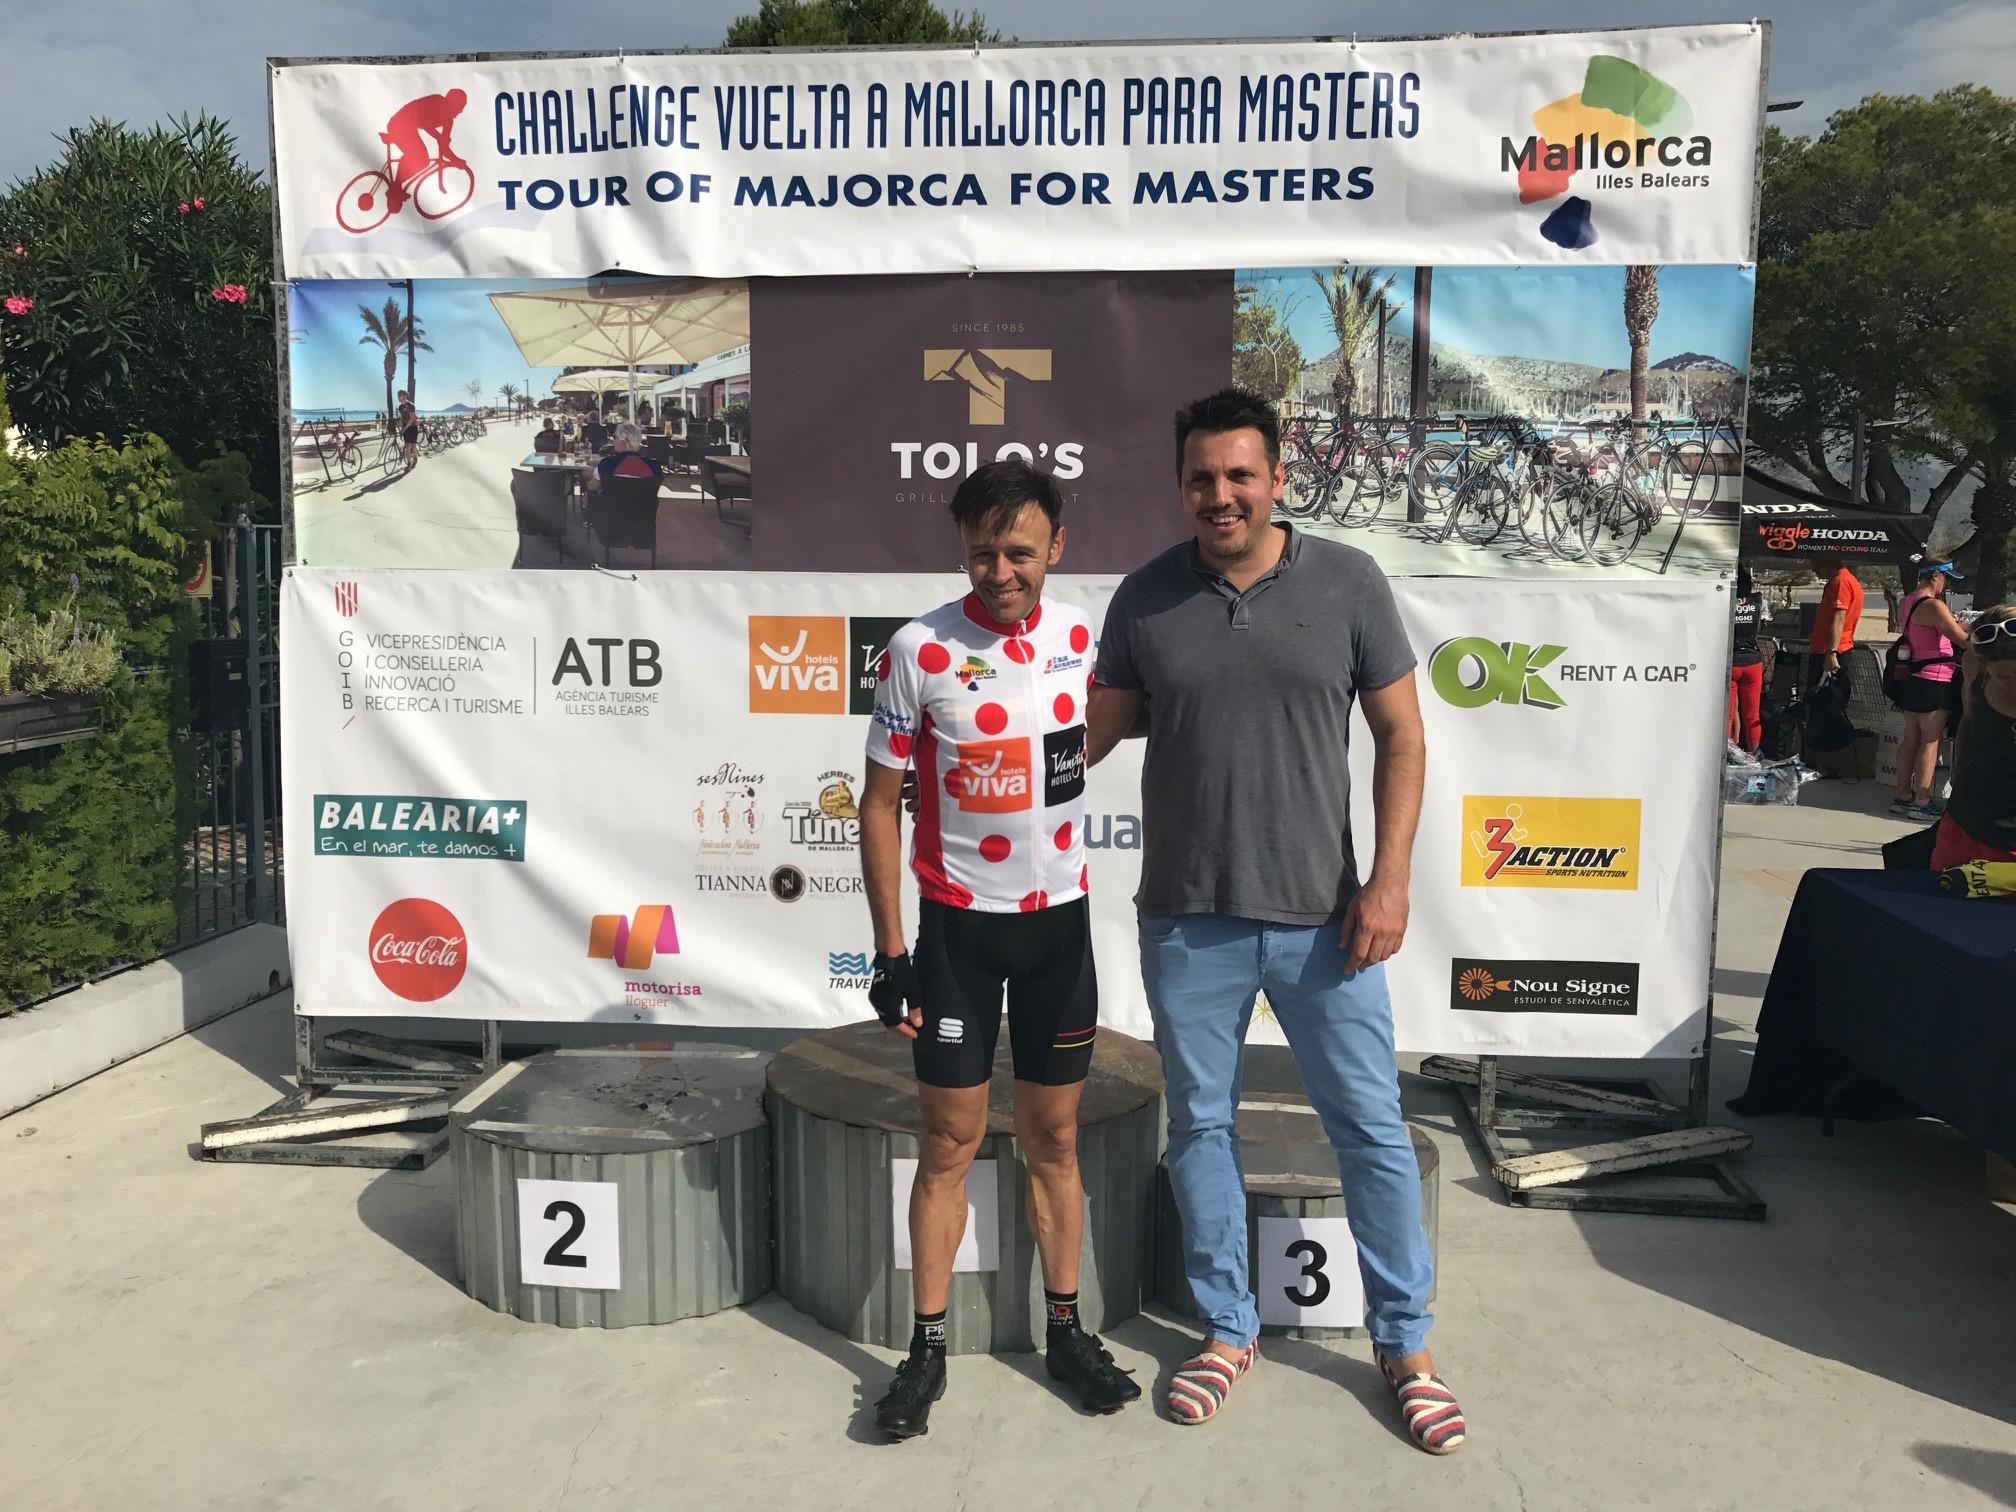 ChallengeVueltaMallorca2017_2a_etapa_maillots_Viva_Hotels